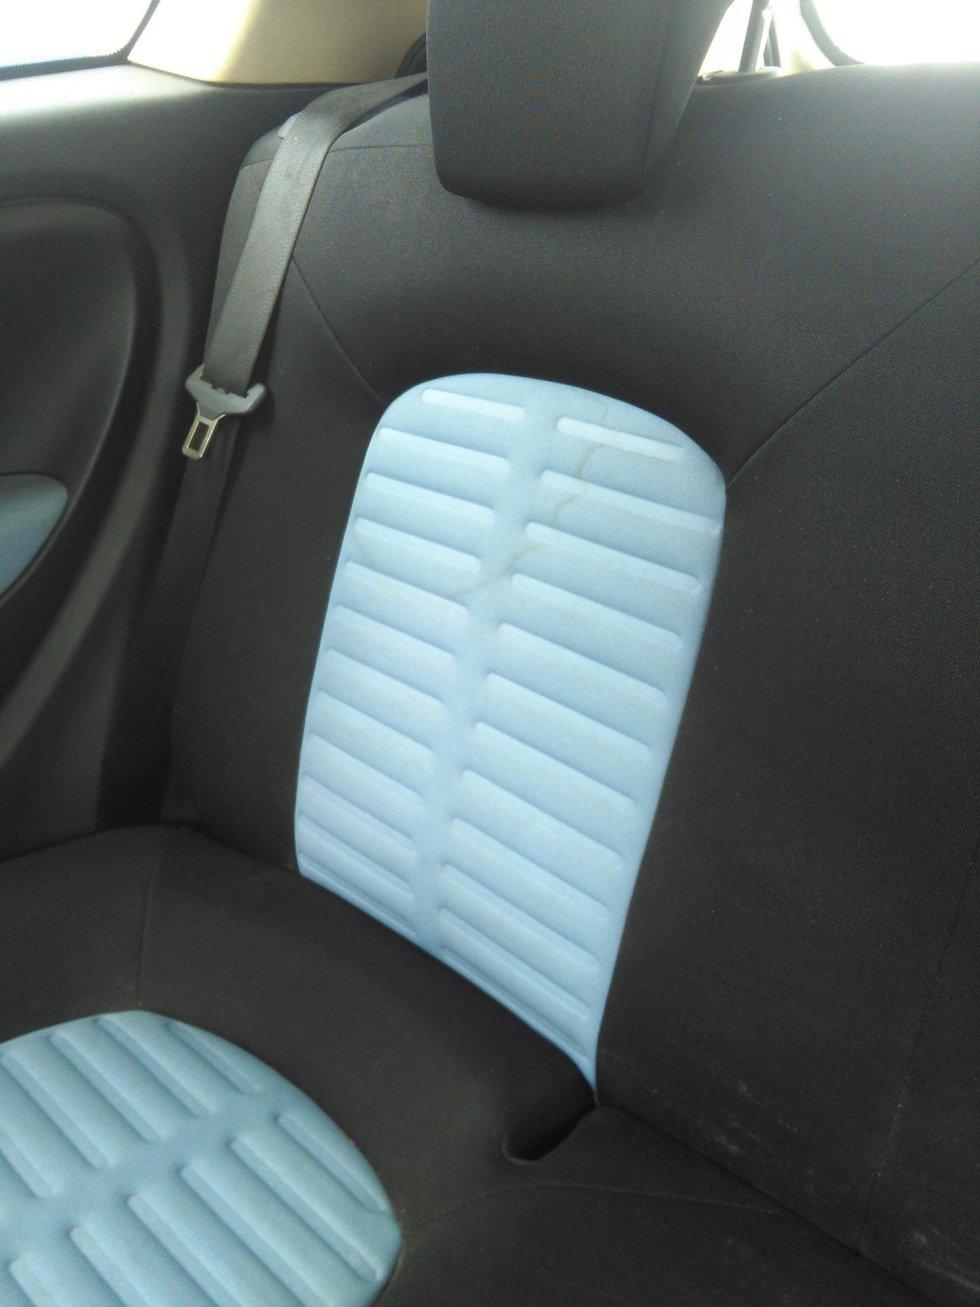 Pulitura sedili auto